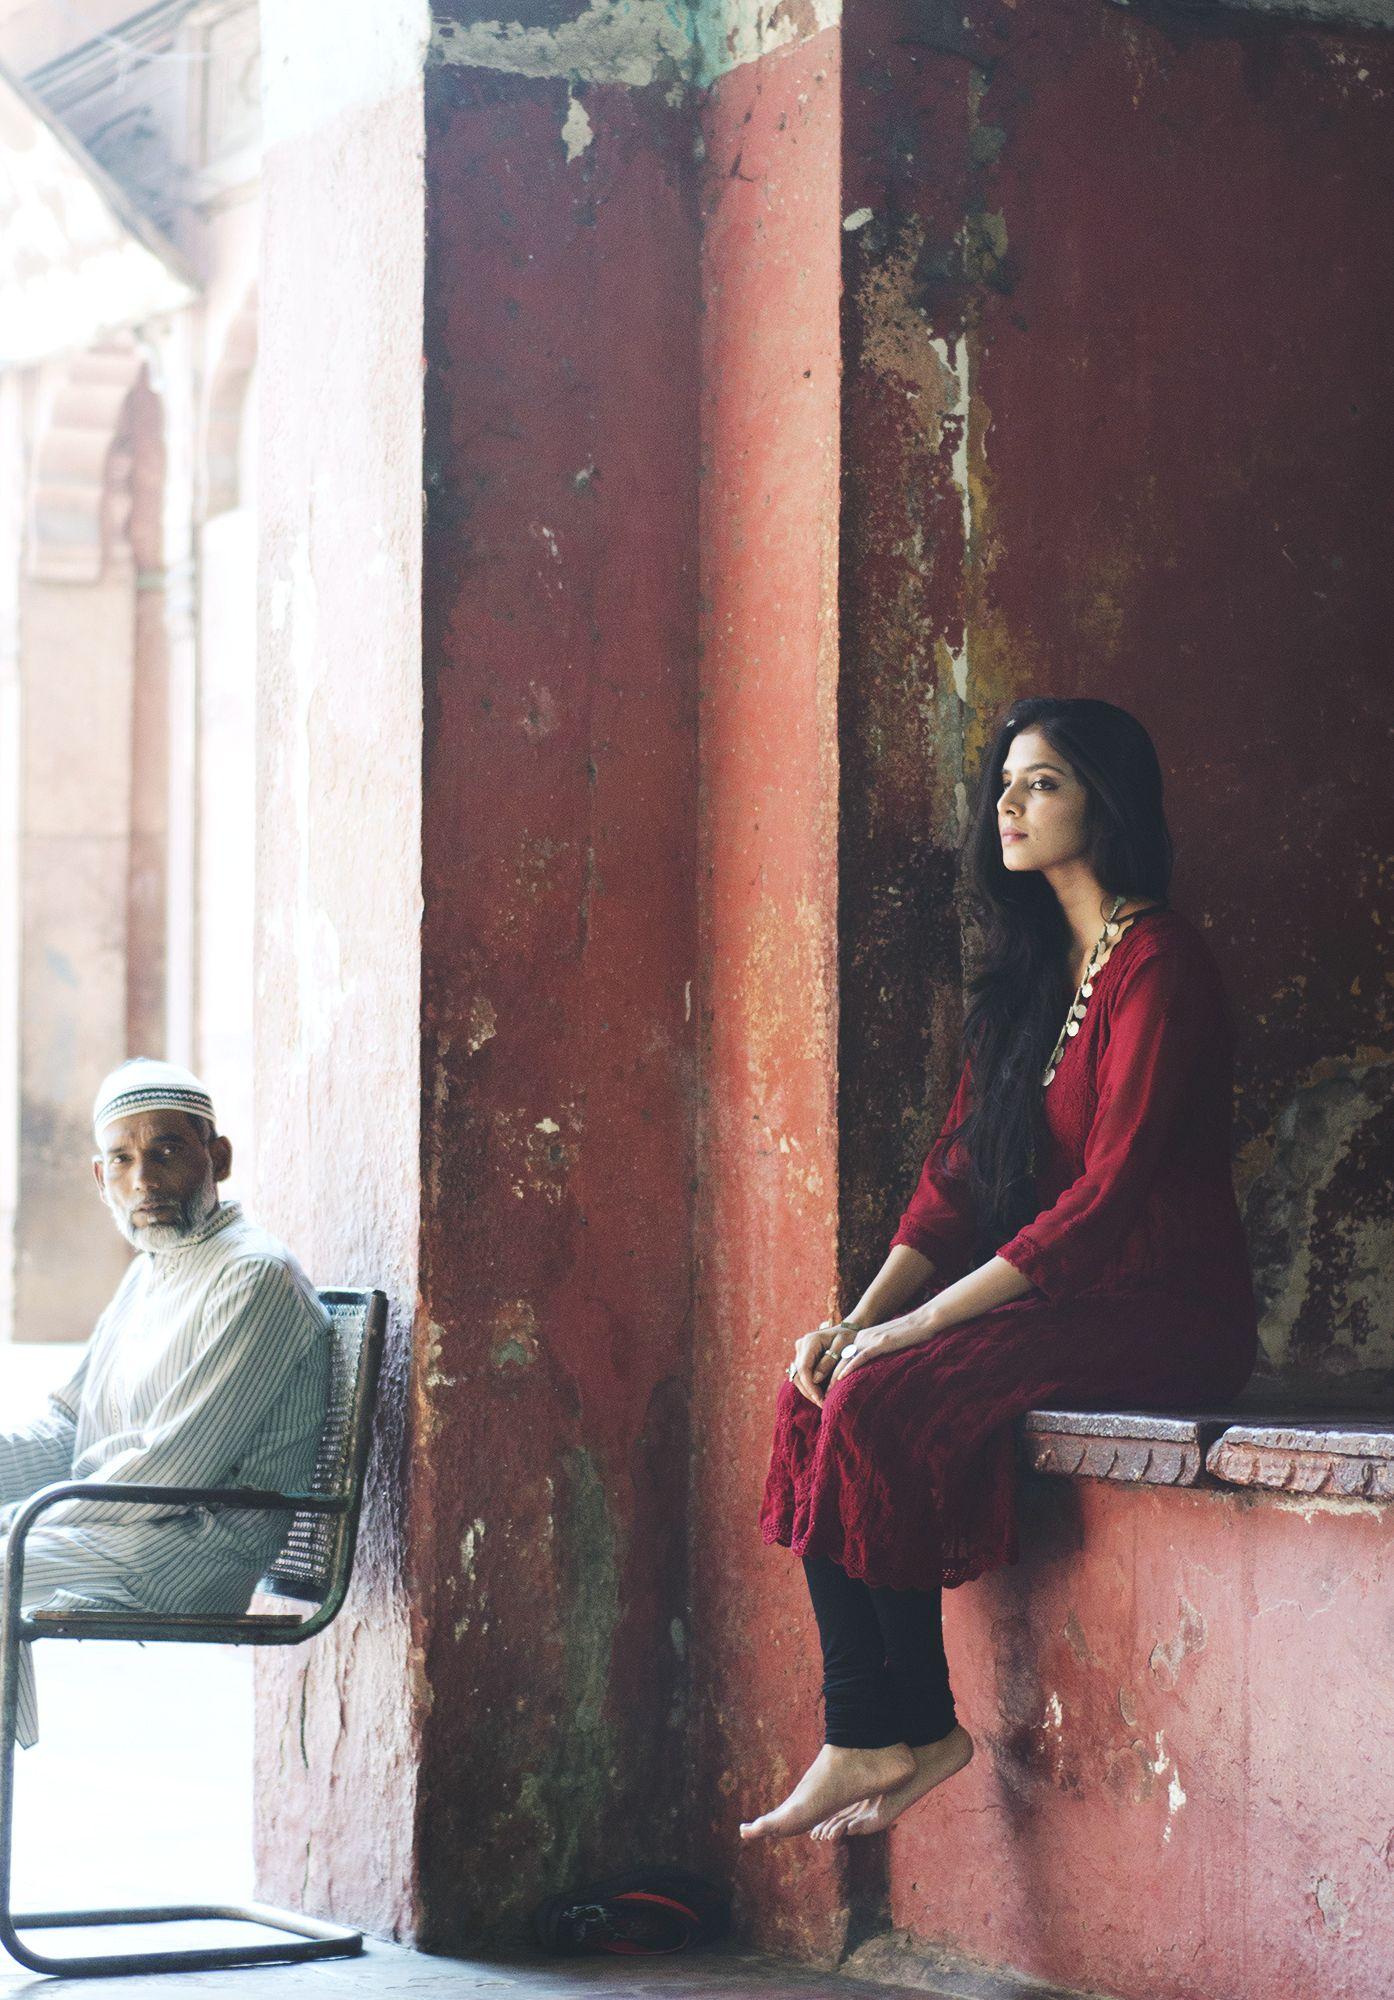 колодец пэчворк идея для фоток в индии рады предложить